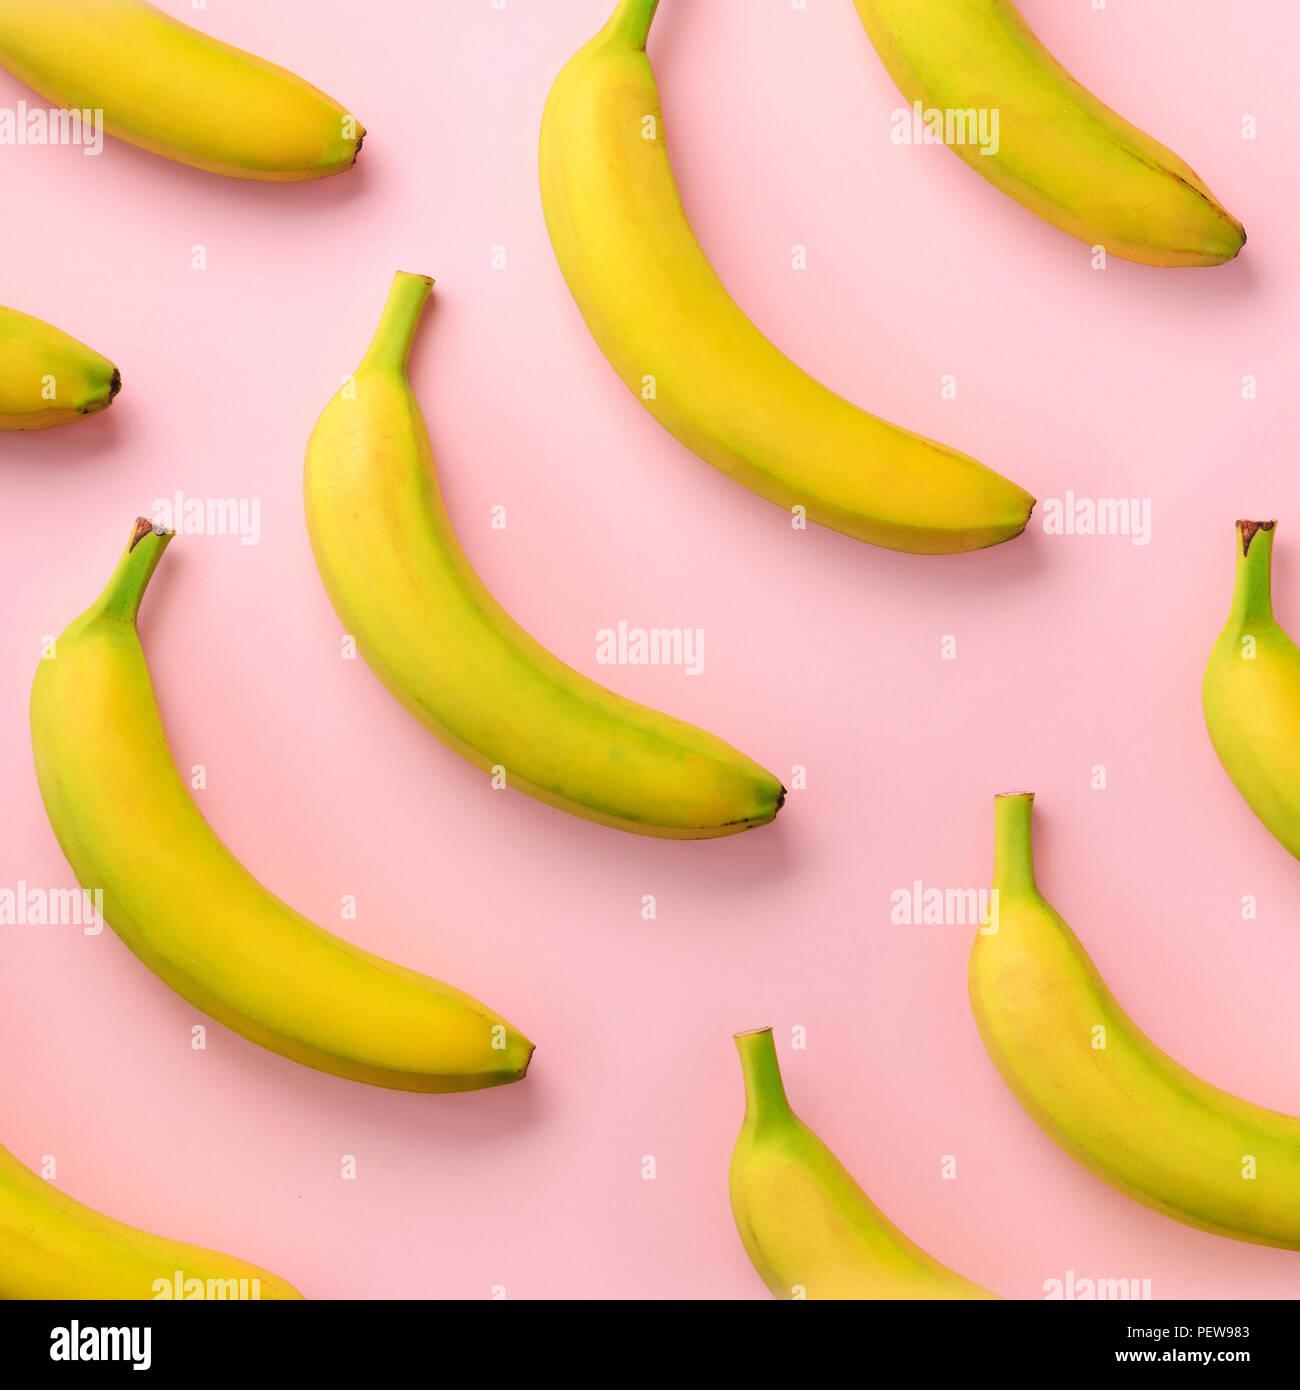 Bunte Obst Muster. Bananen über rosa Hintergrund. Platz crop. Ansicht von oben. Pop Art Design, kreative Sommer Konzept. Minimale flach Stil Stockbild